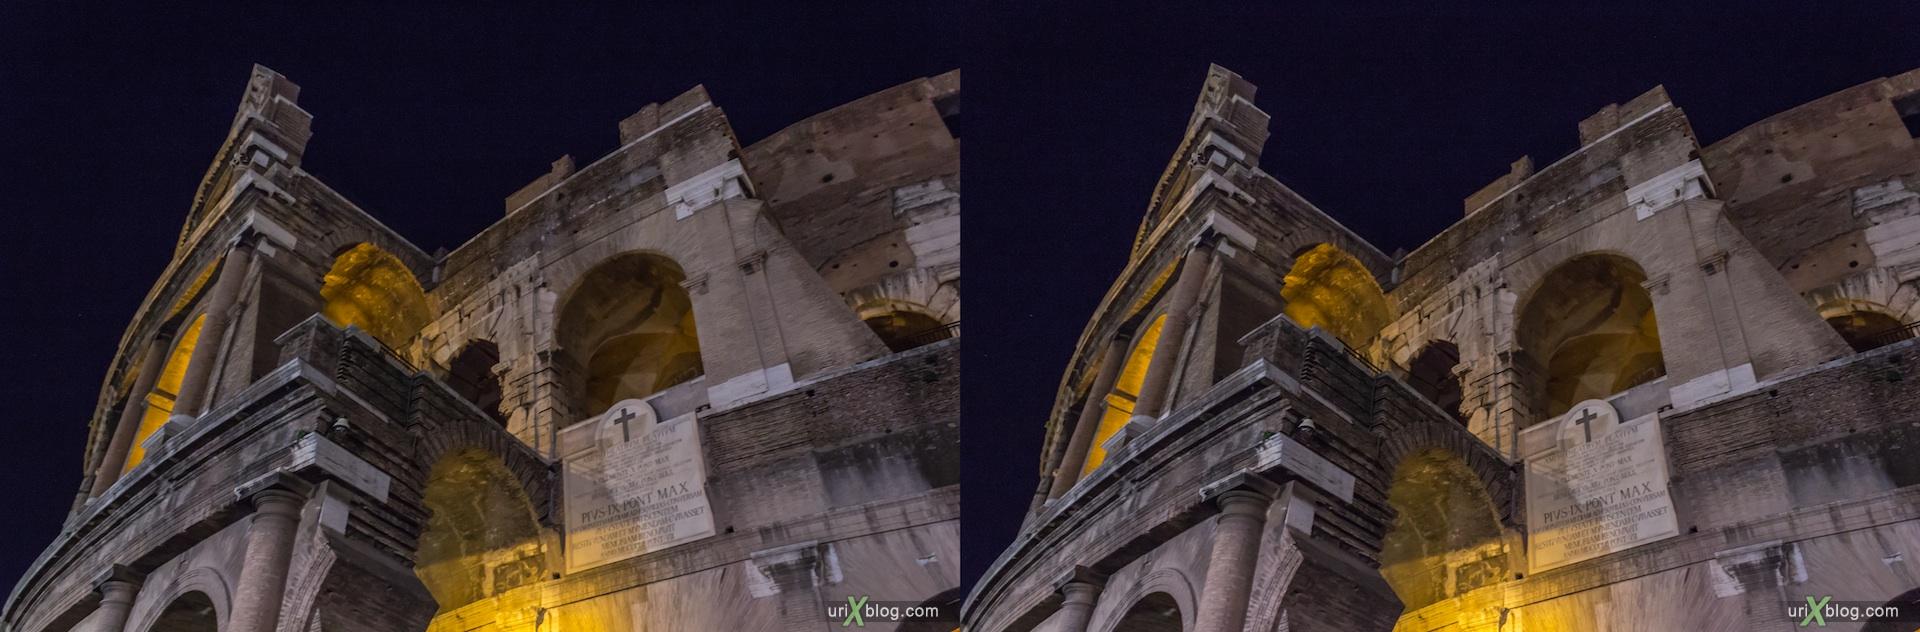 2012, Колизей, Рим, Италия, ночь, 3D, перекрёстные стереопары, стерео, стереопара, стереопары